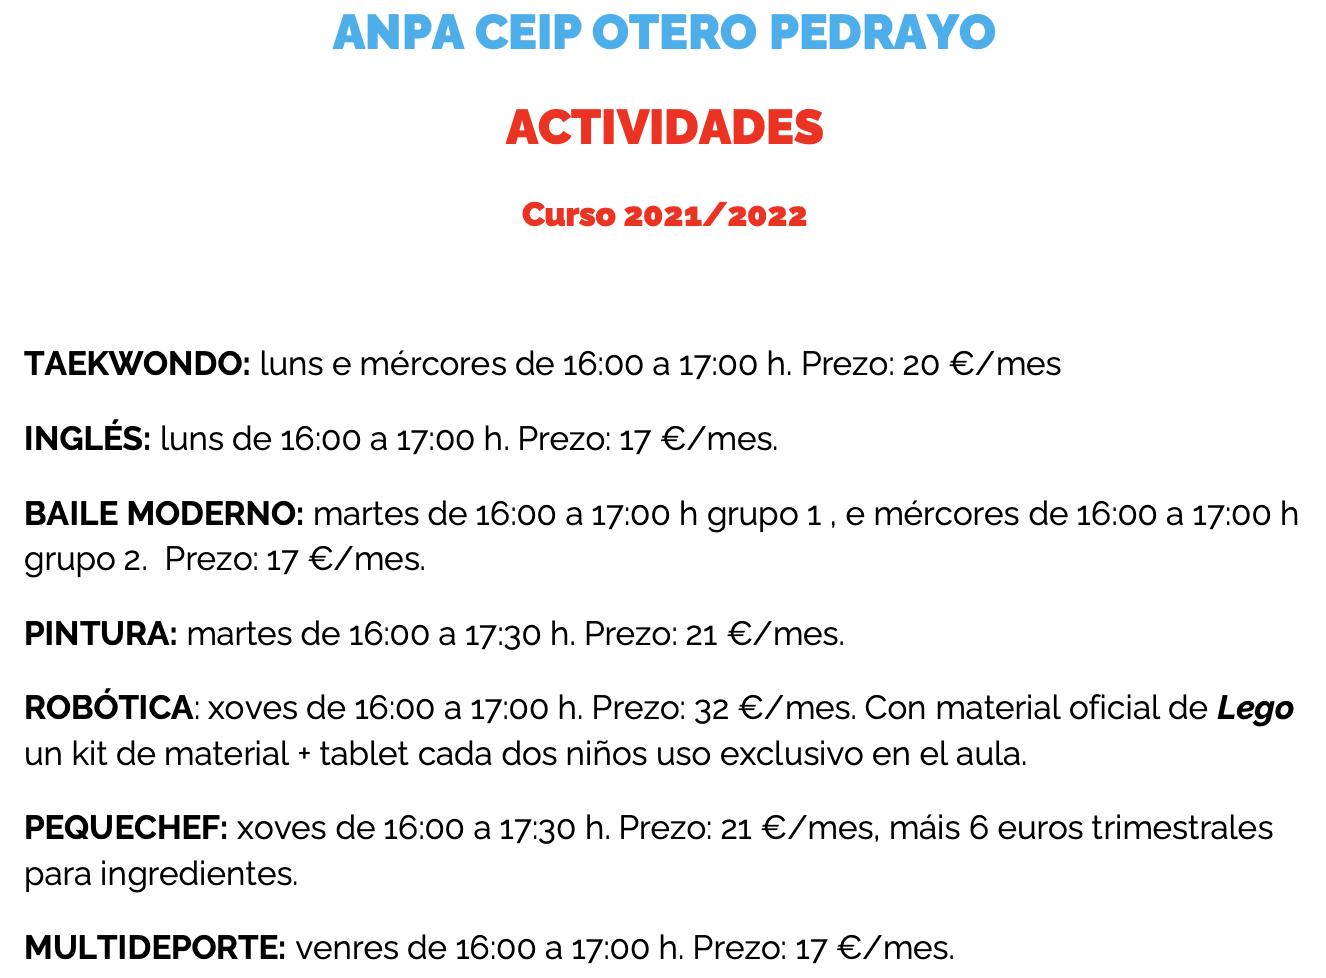 Actividades ANPA